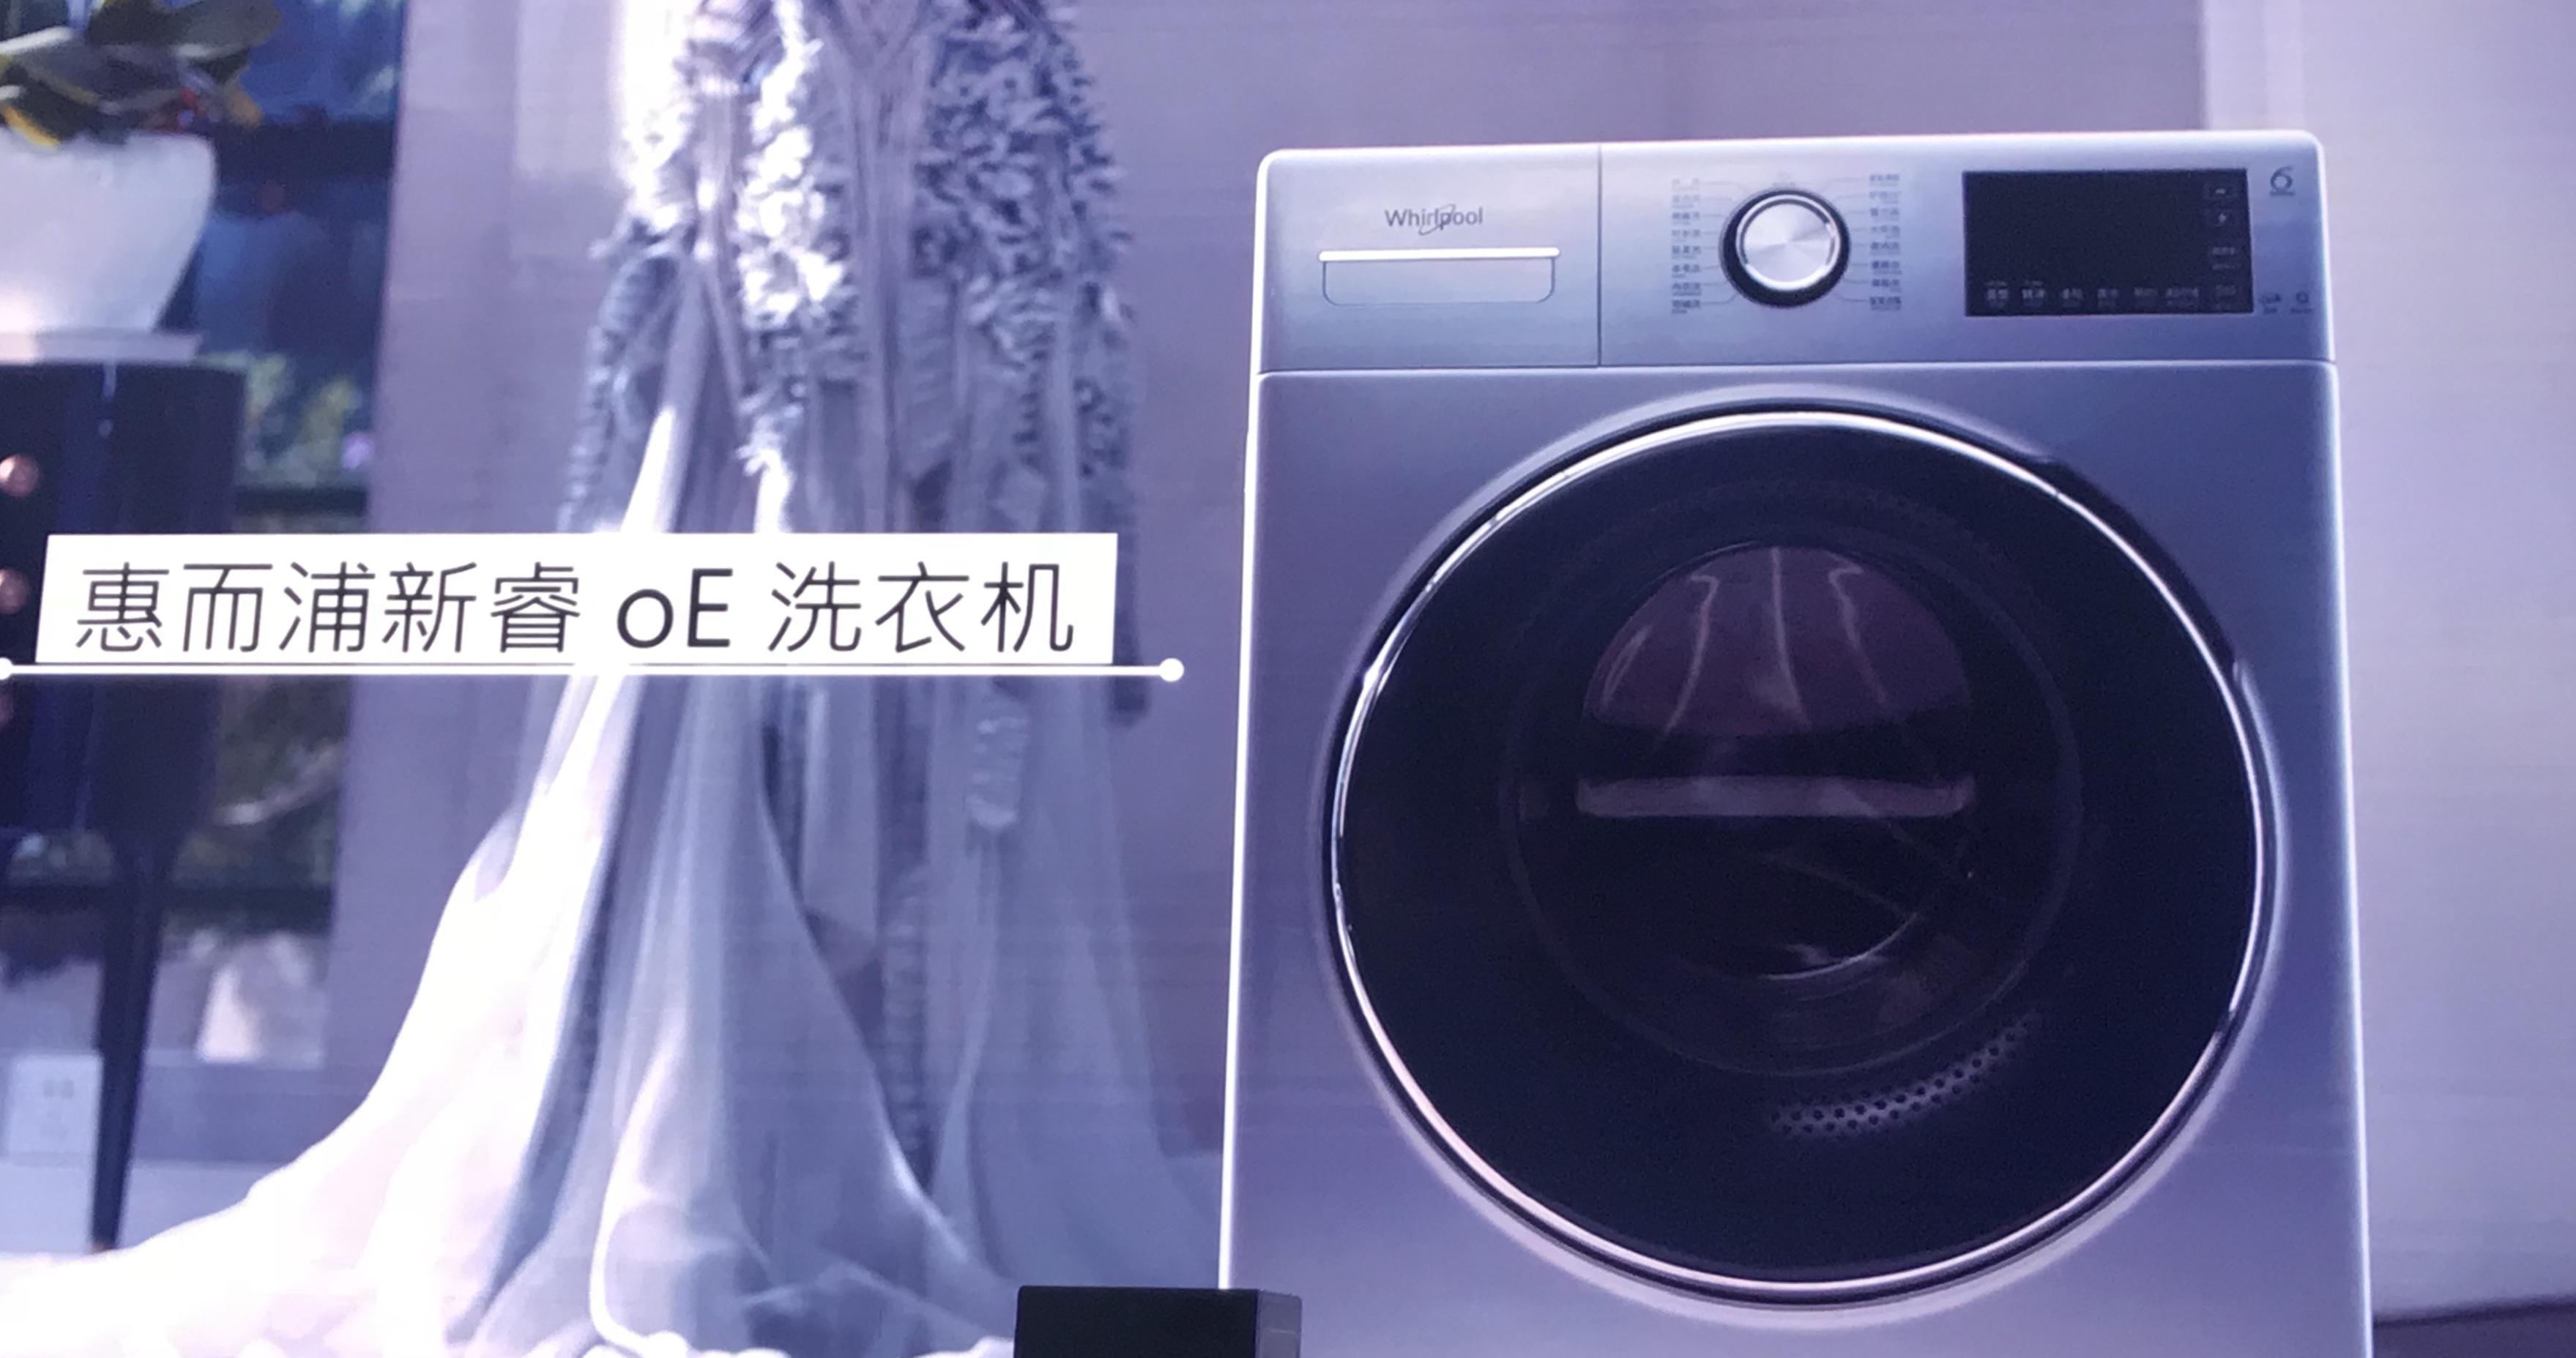 """惠而浦联合京东发布战略合作,""""新睿oE系列""""闪亮登场"""